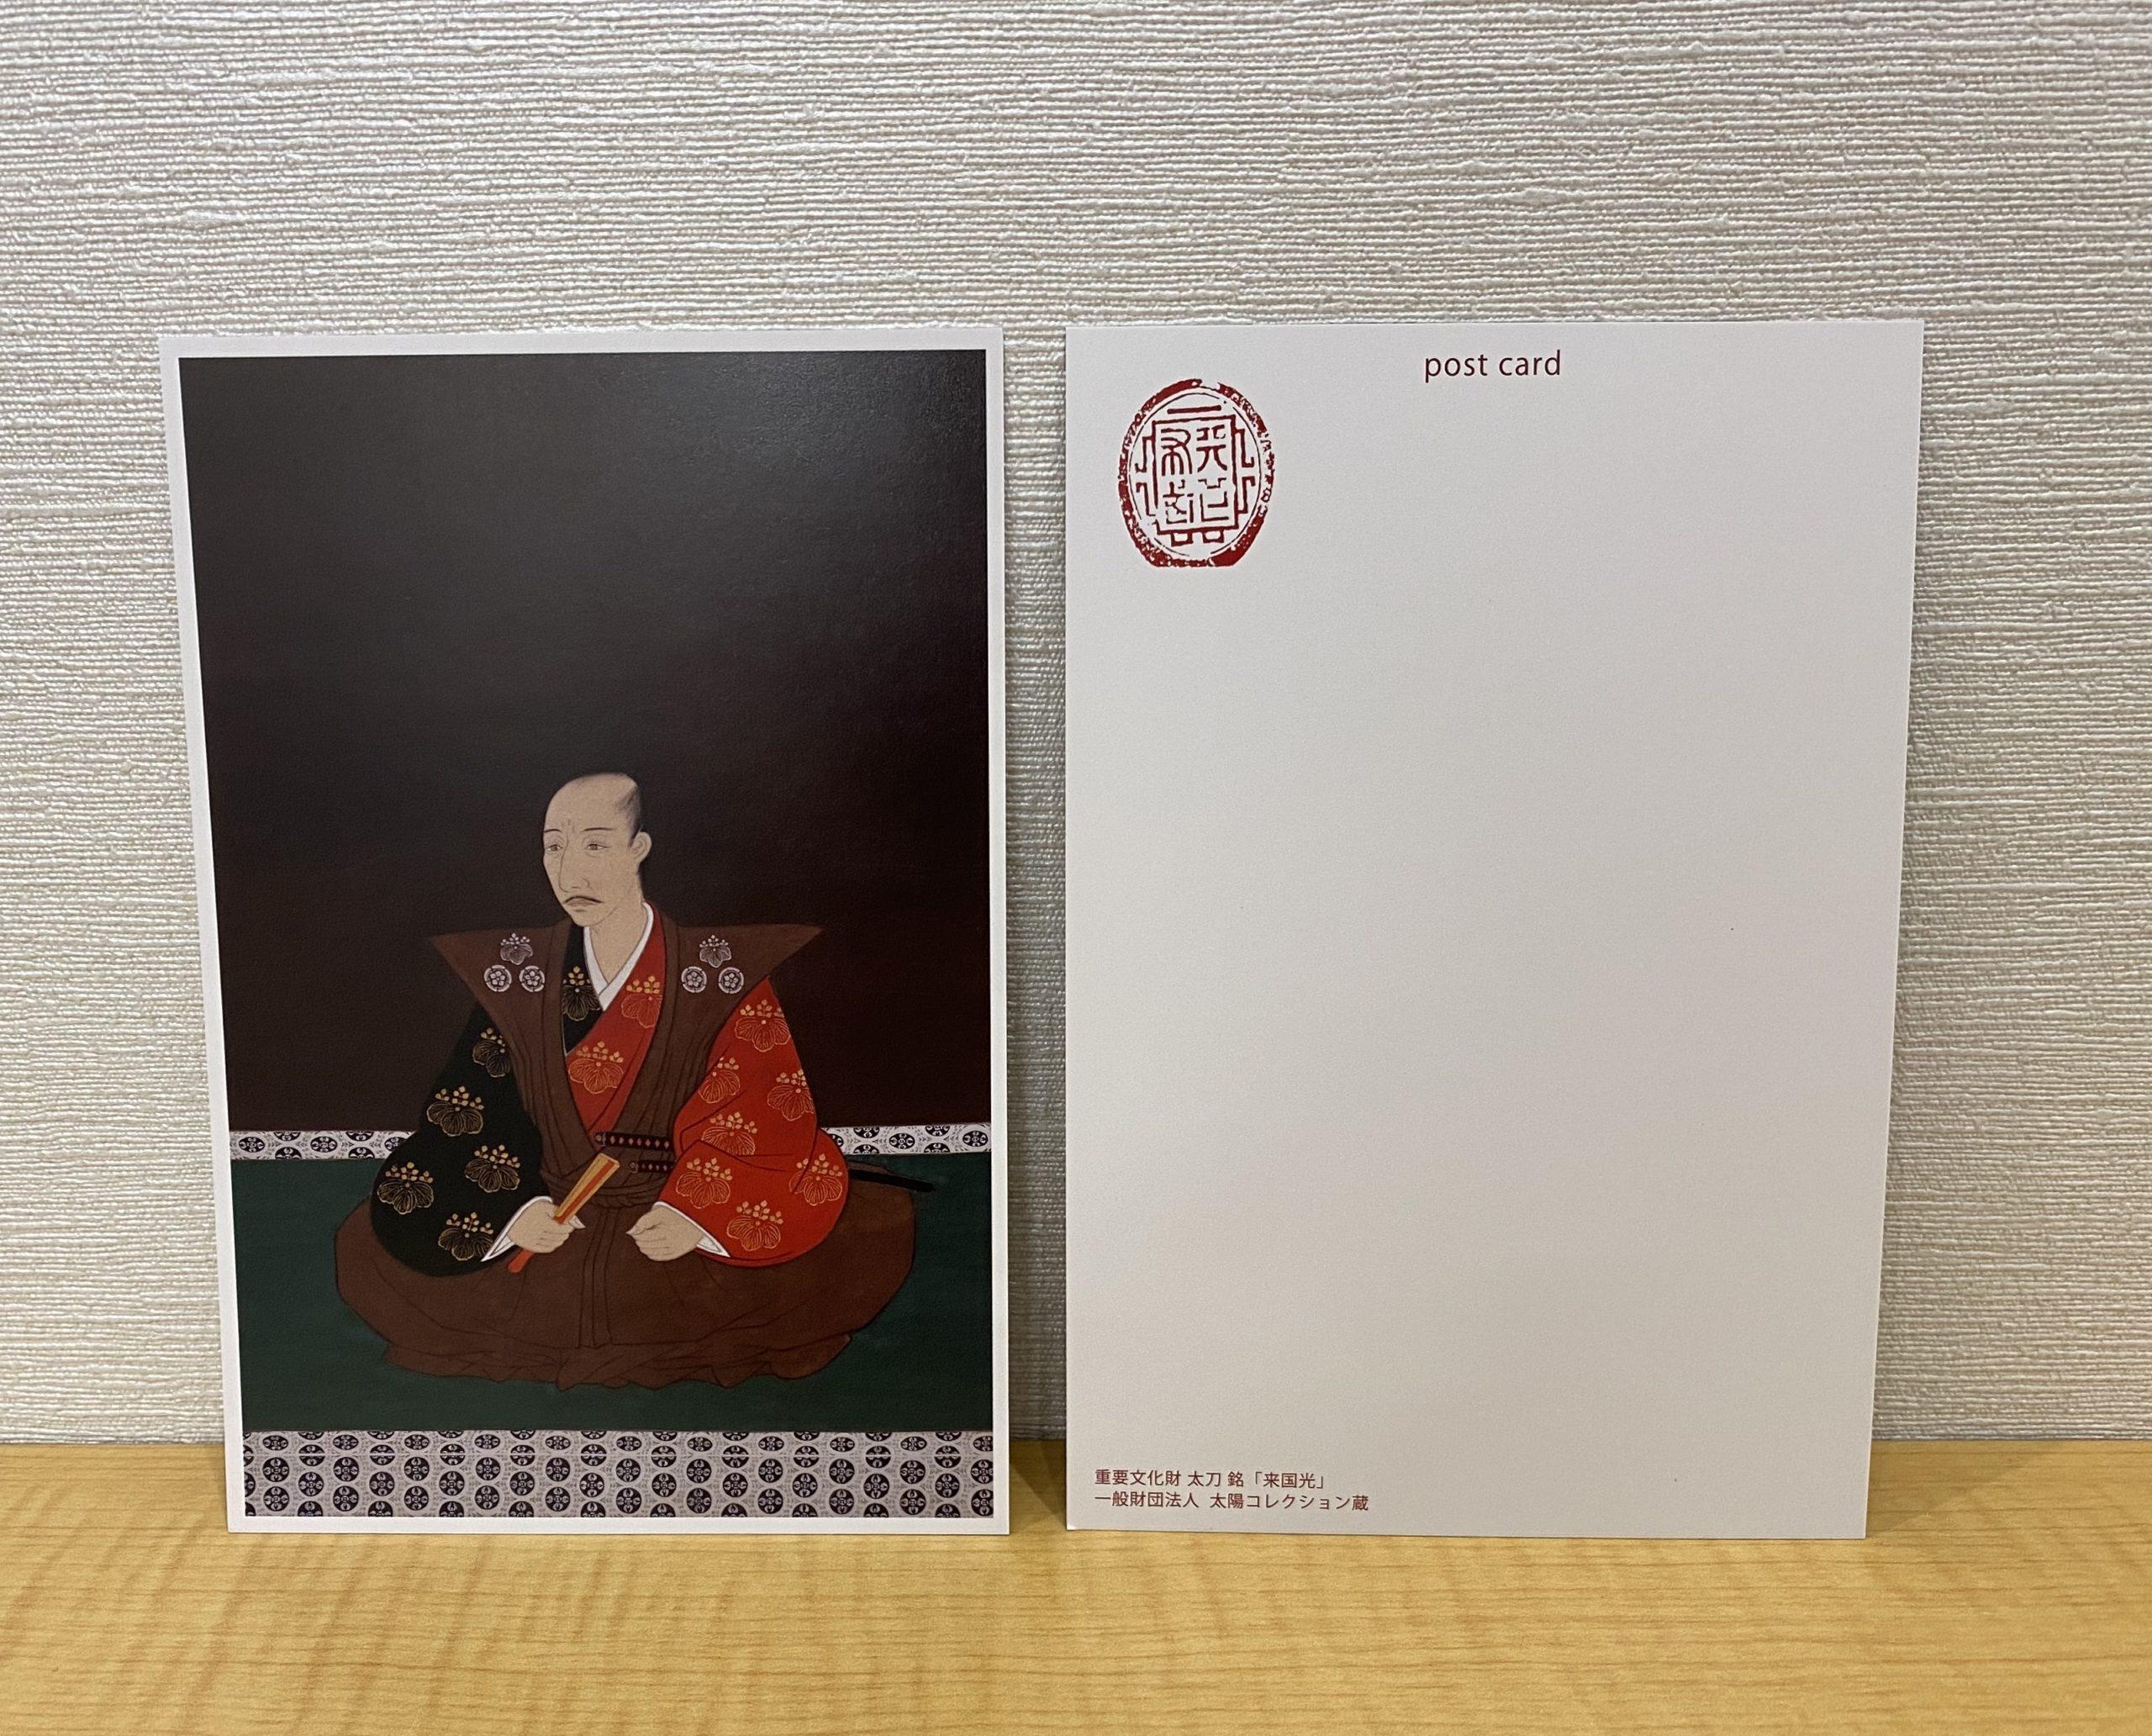 ポストカード1-2